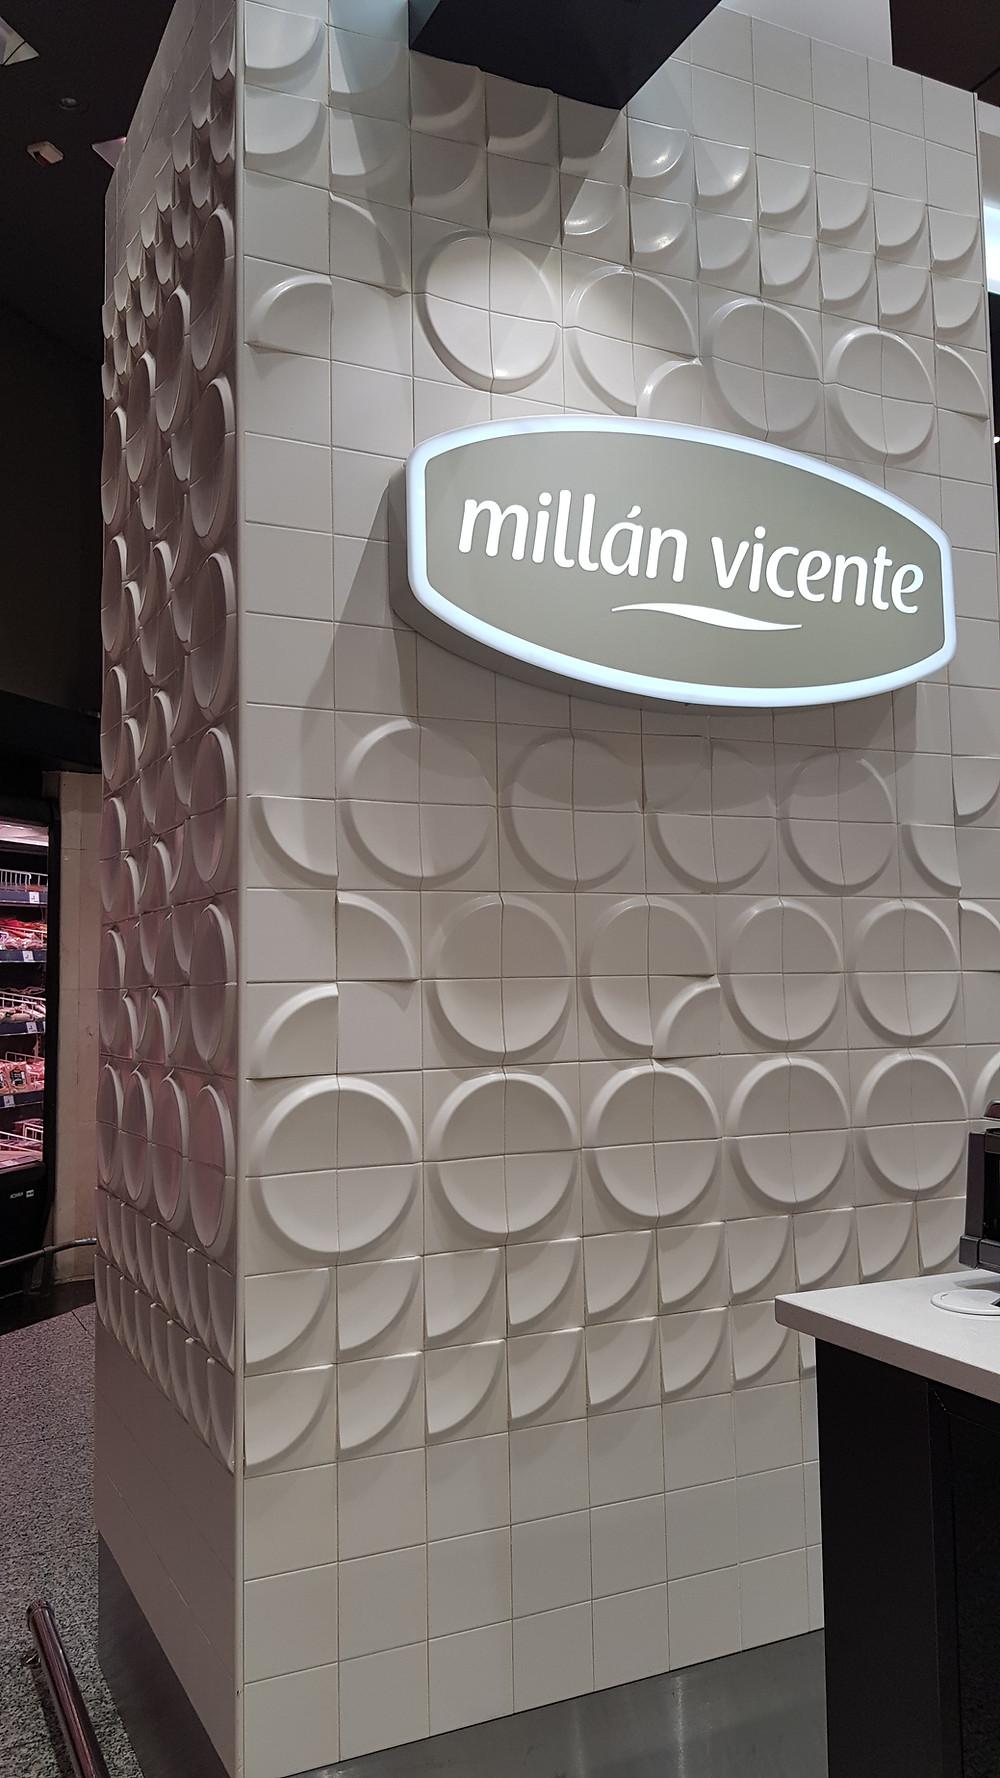 Azulejos-Corner-Millán-Vicente-El Corte Inglés-Di&P